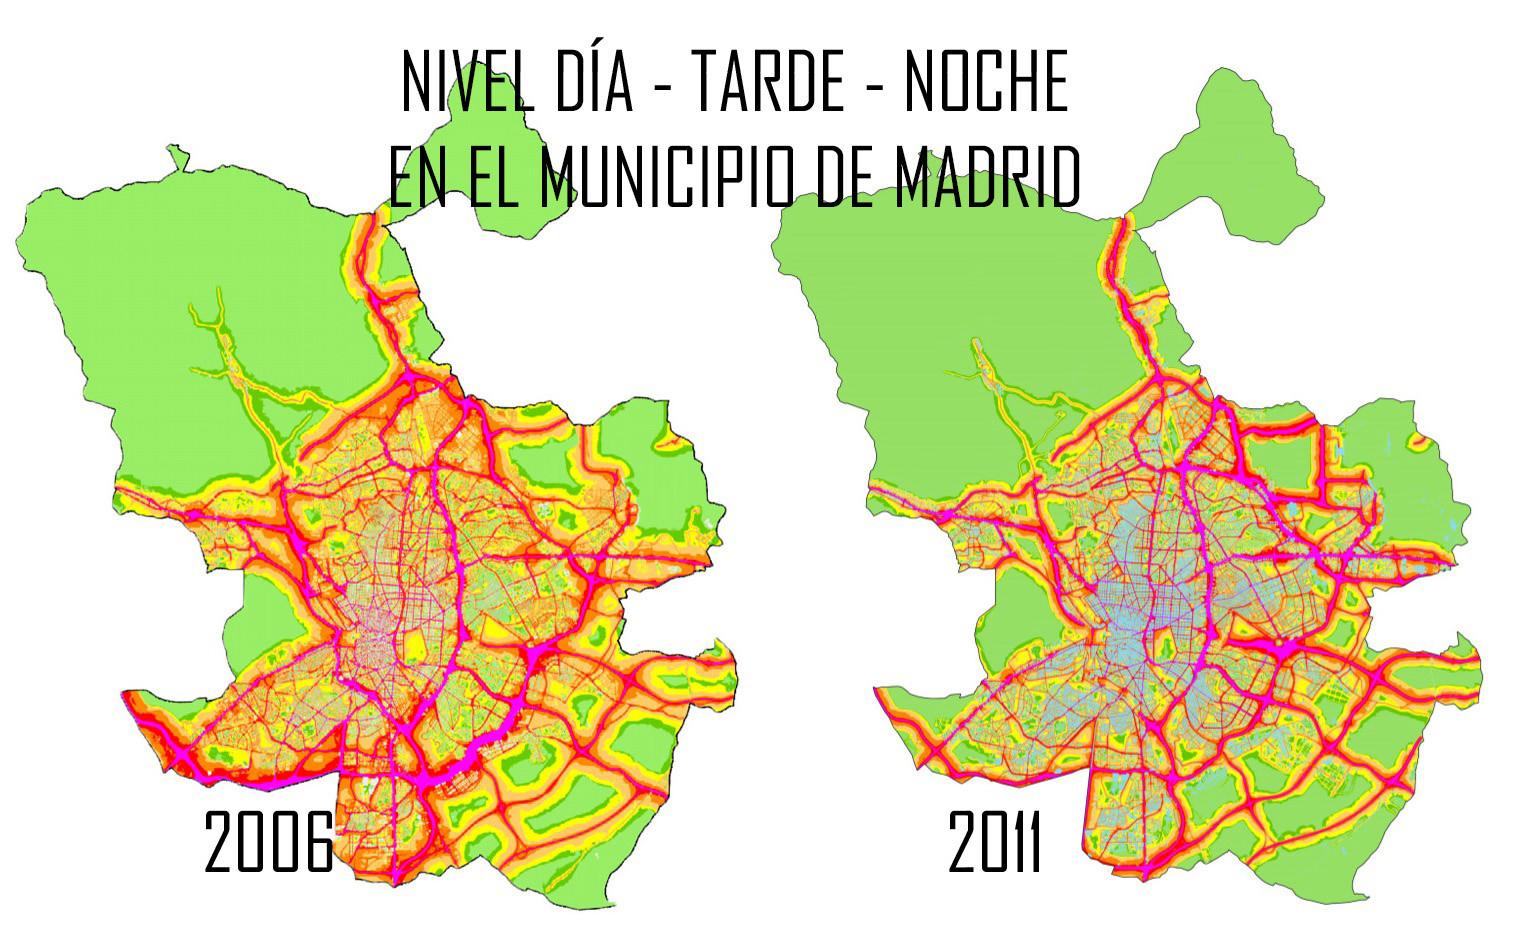 nivel noche tarde dia en el municipio de madrid mapa de ruido